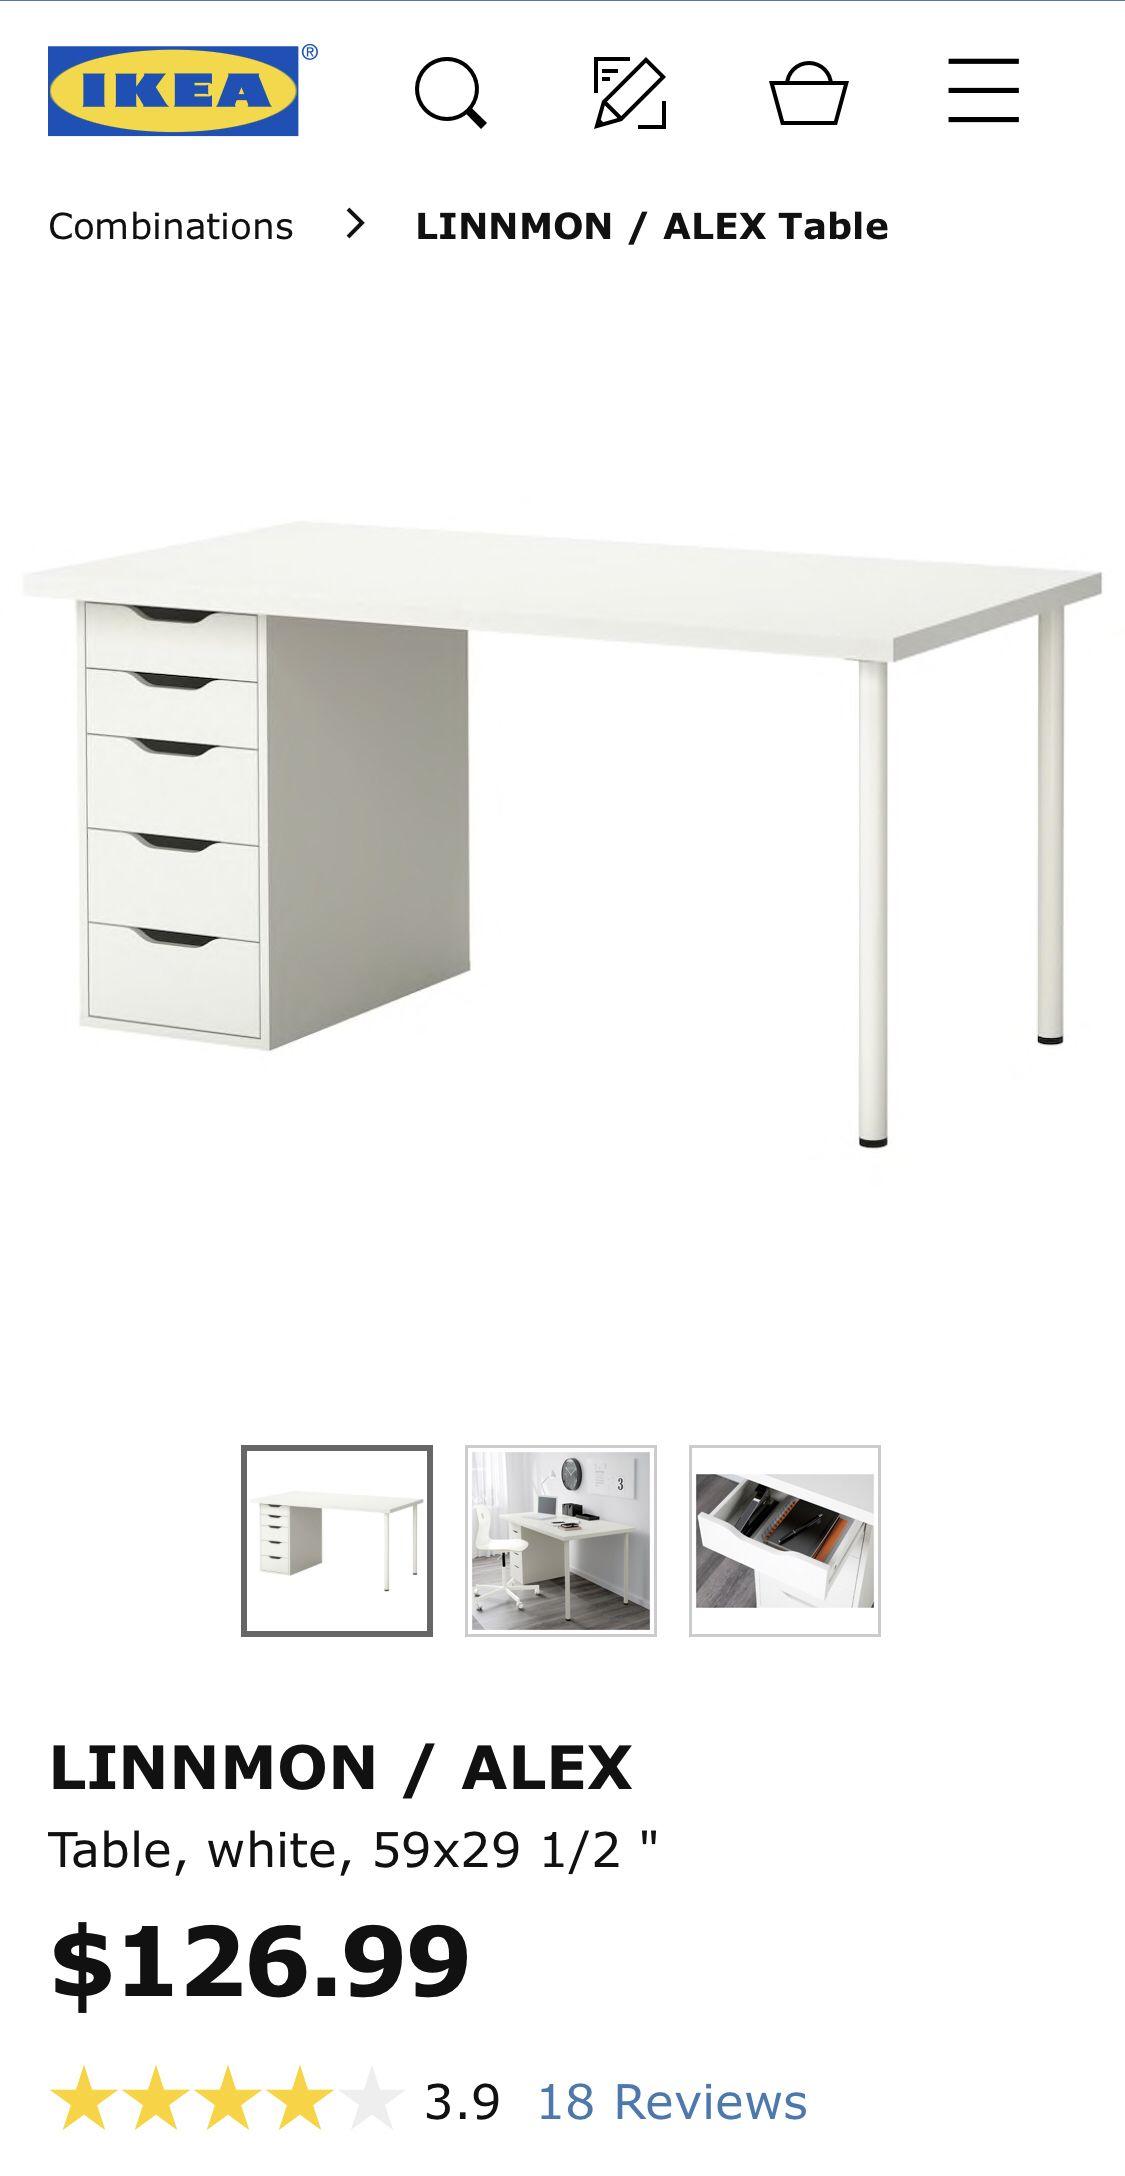 """LINNMON / ALEX Table, white, 59x29 1/2"""" - IKEA"""